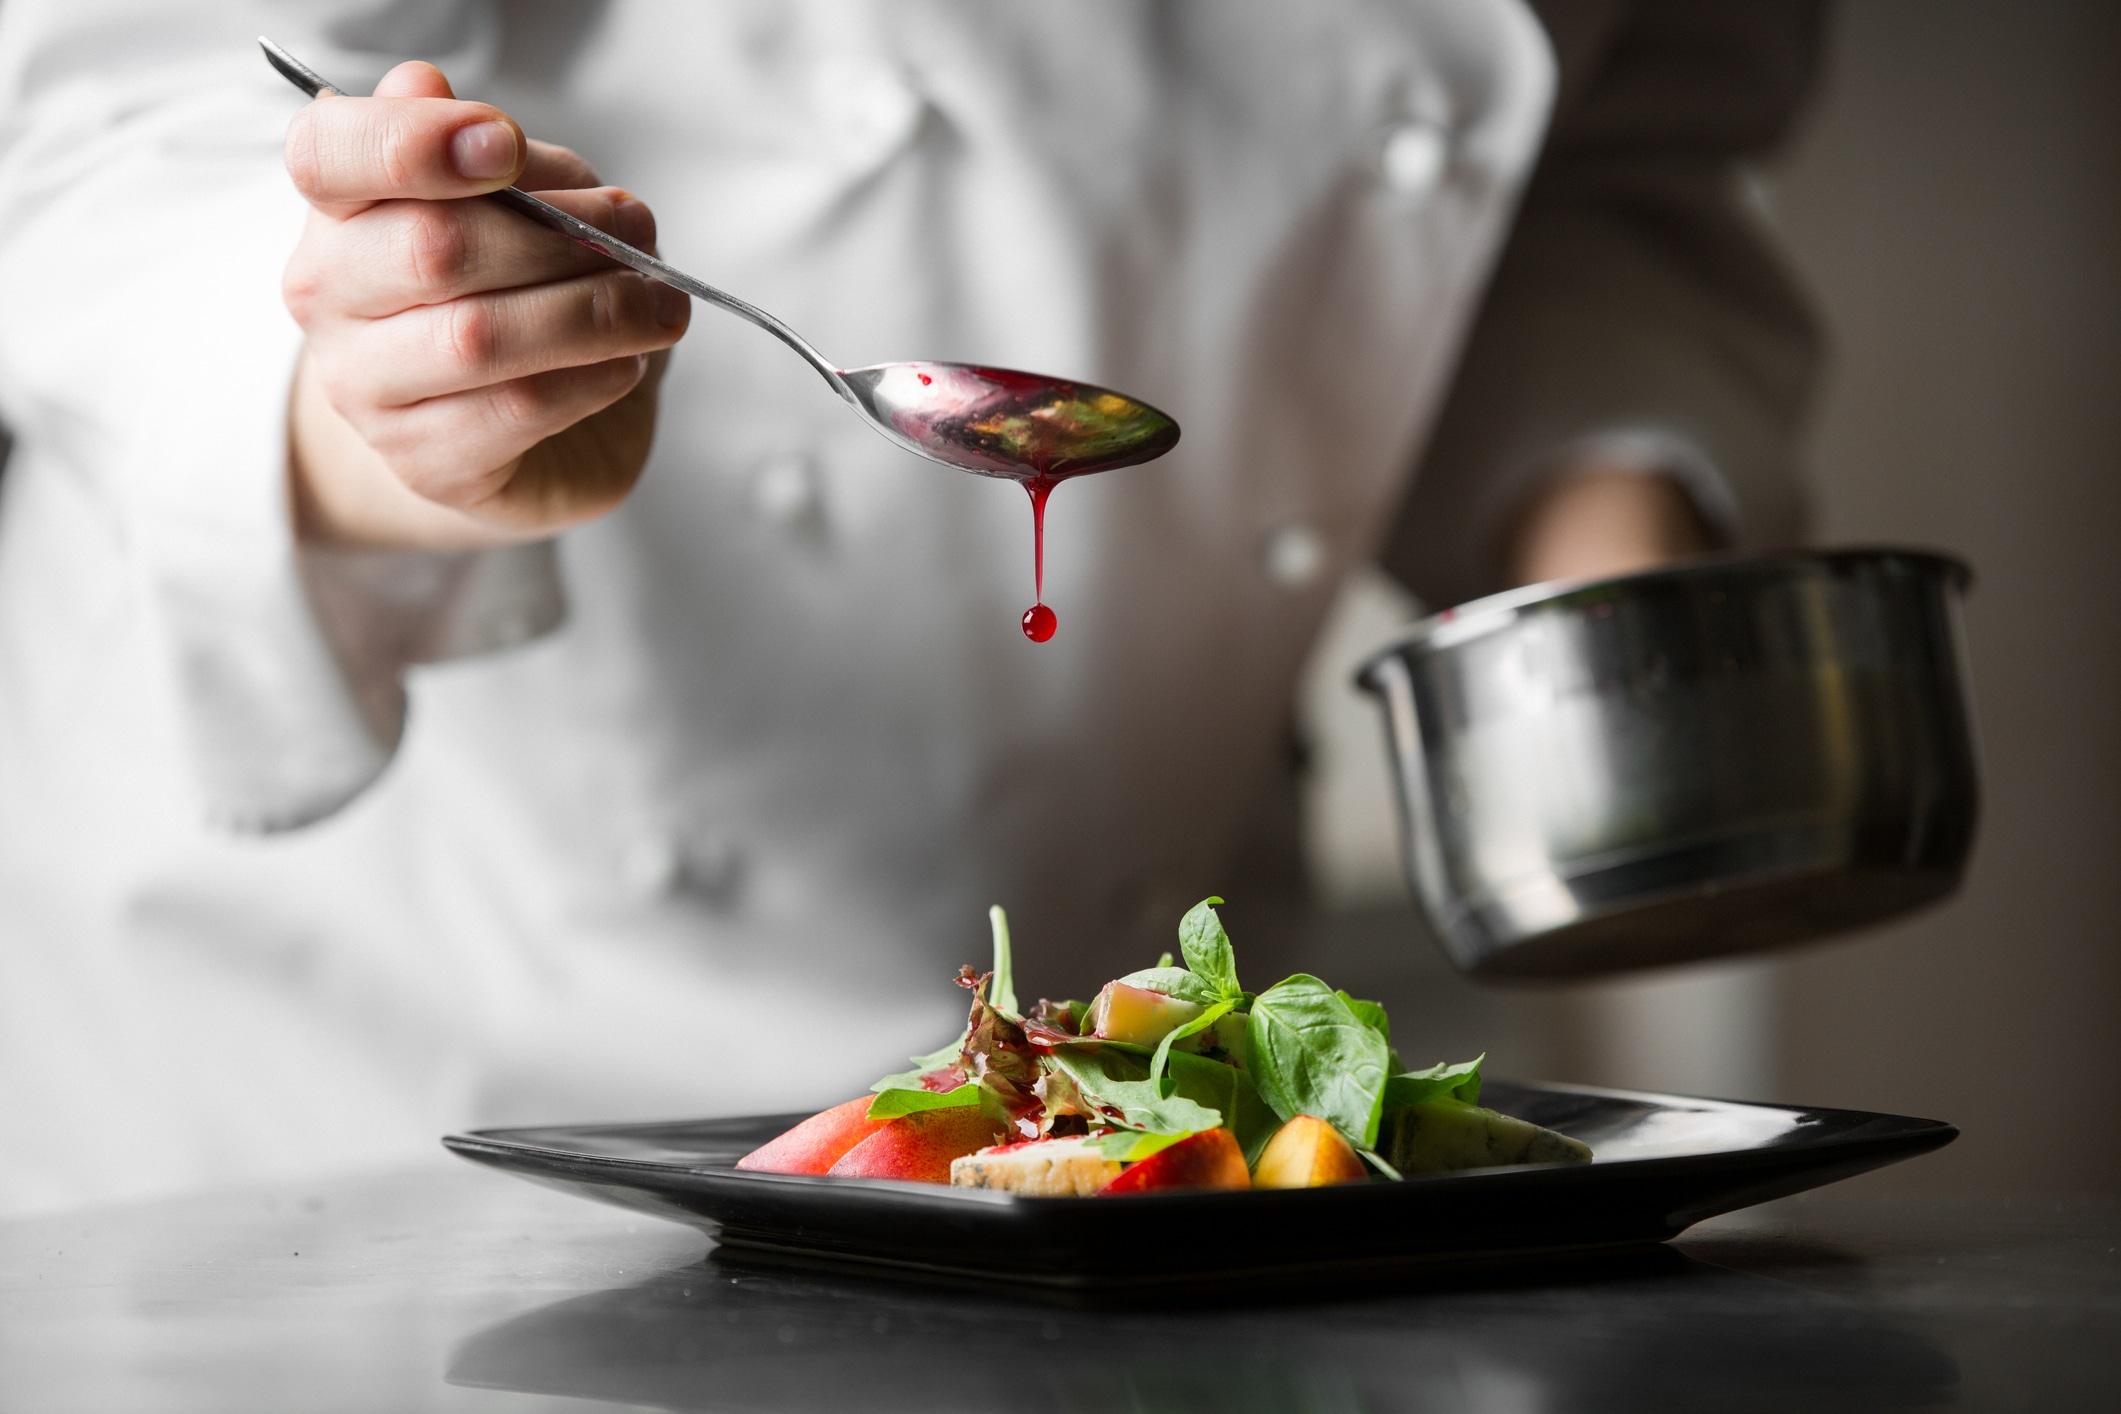 Koch bei der Zubereitung einer Speise